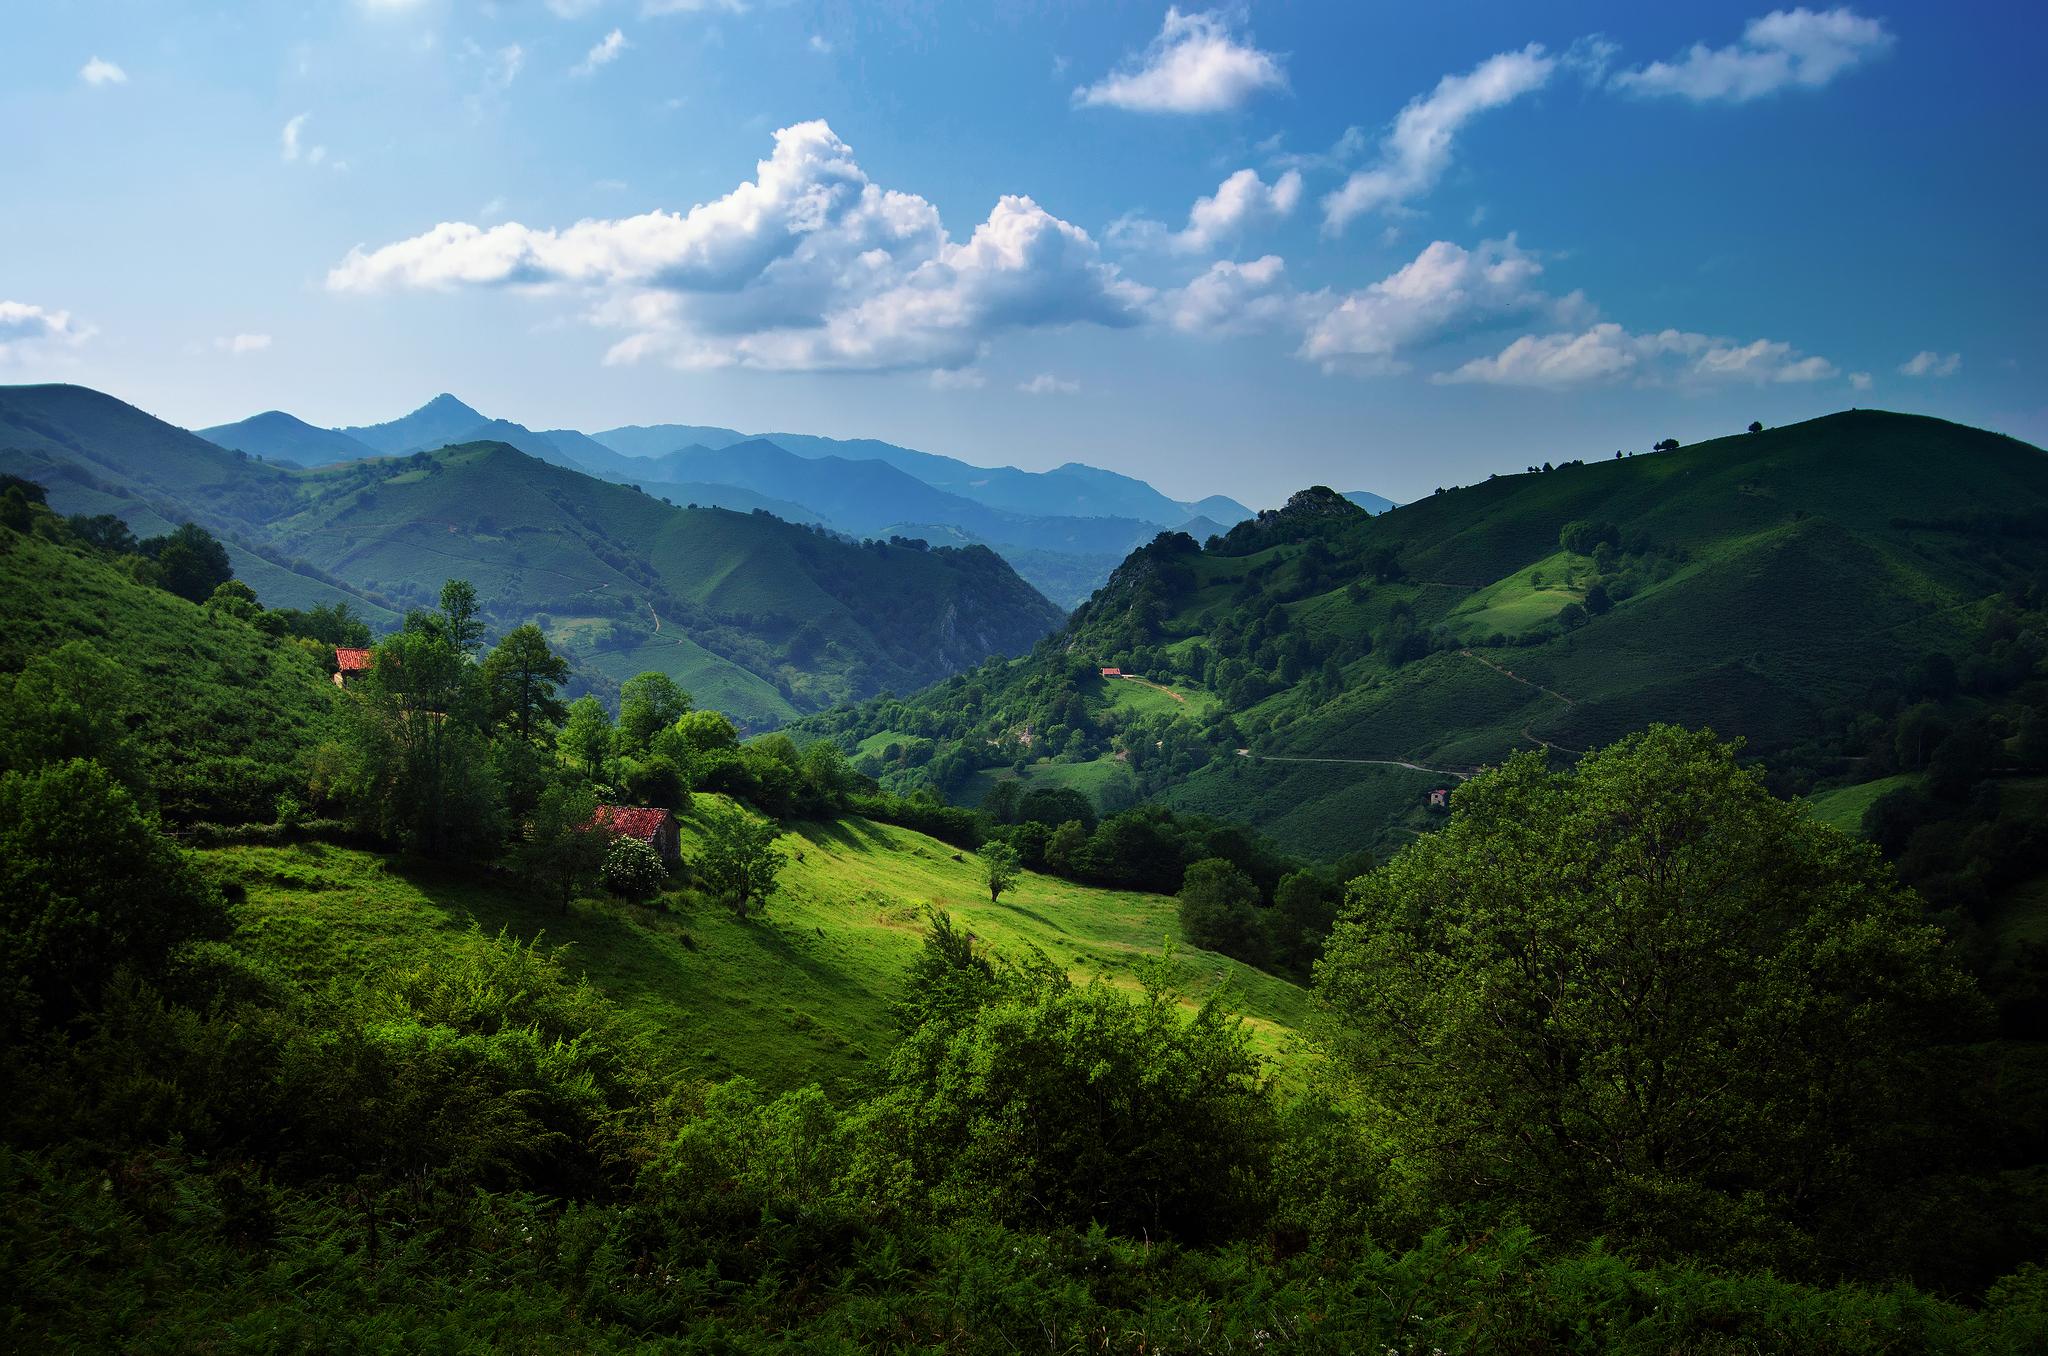 Швейцария Горы река деревья трава  № 184012 загрузить